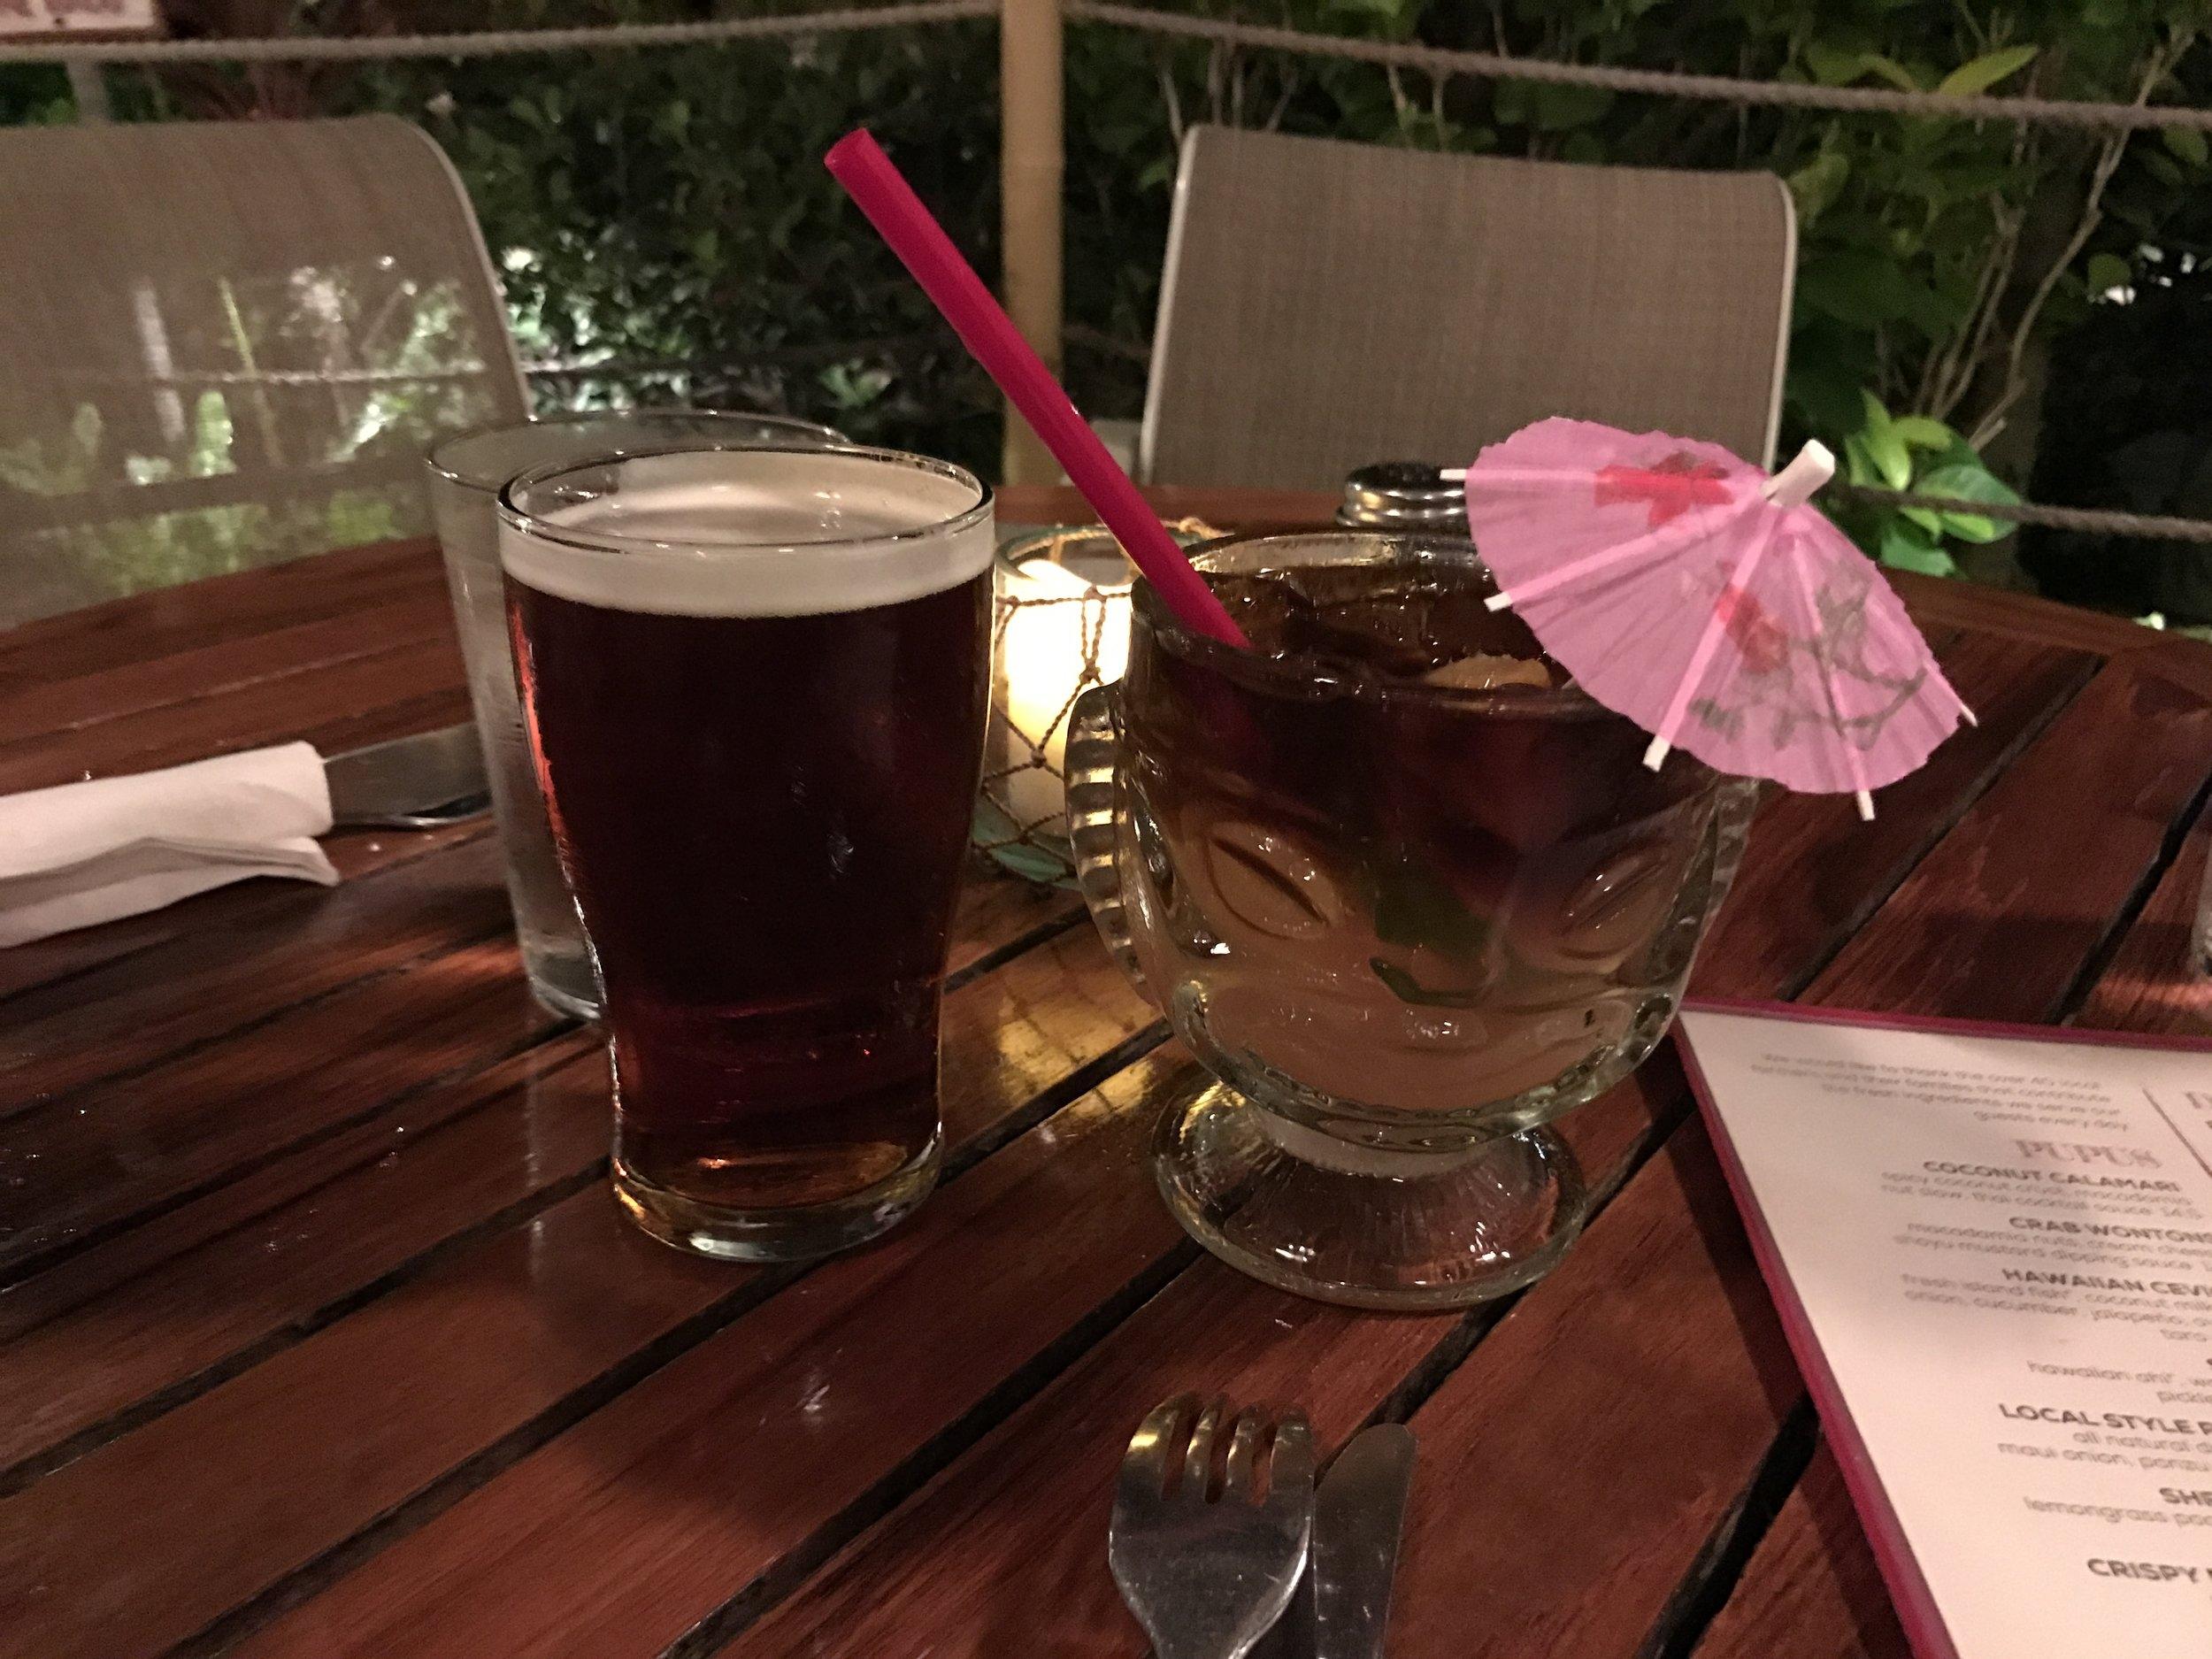 Mai Tai and Beer at Hula Grill Barefoot Bar in Kaanapali Beach - Maui, Hawaii